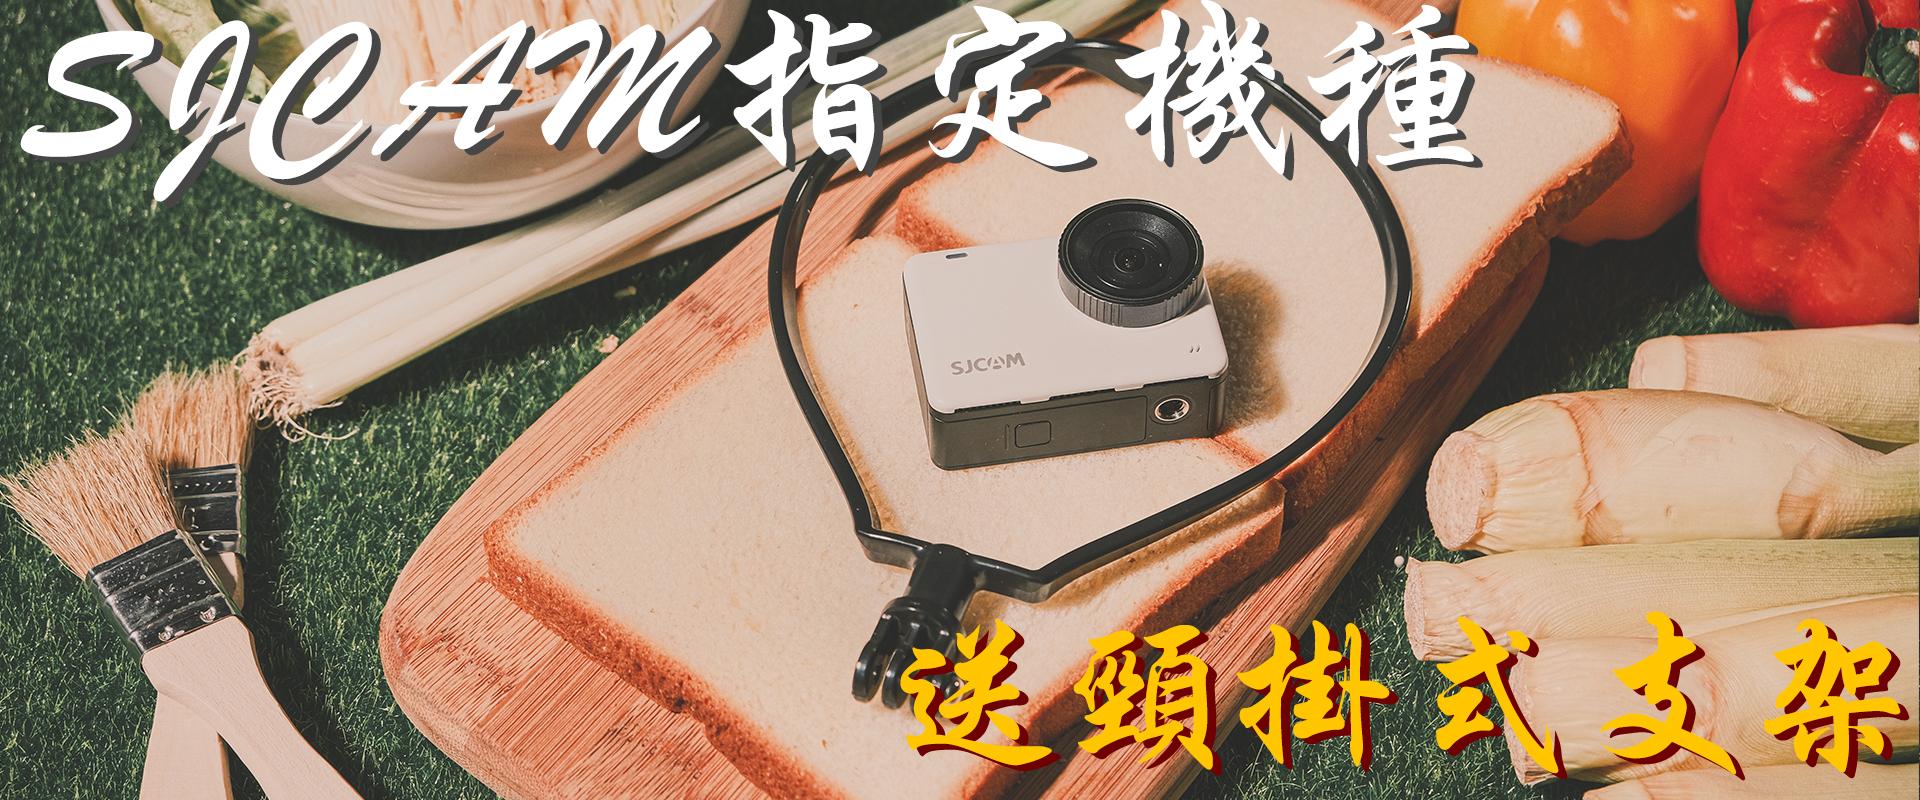 中秋限定!SJCAM GoPro 手機架 藍牙耳機 運動攝影機多款商品優惠現主時實施中!